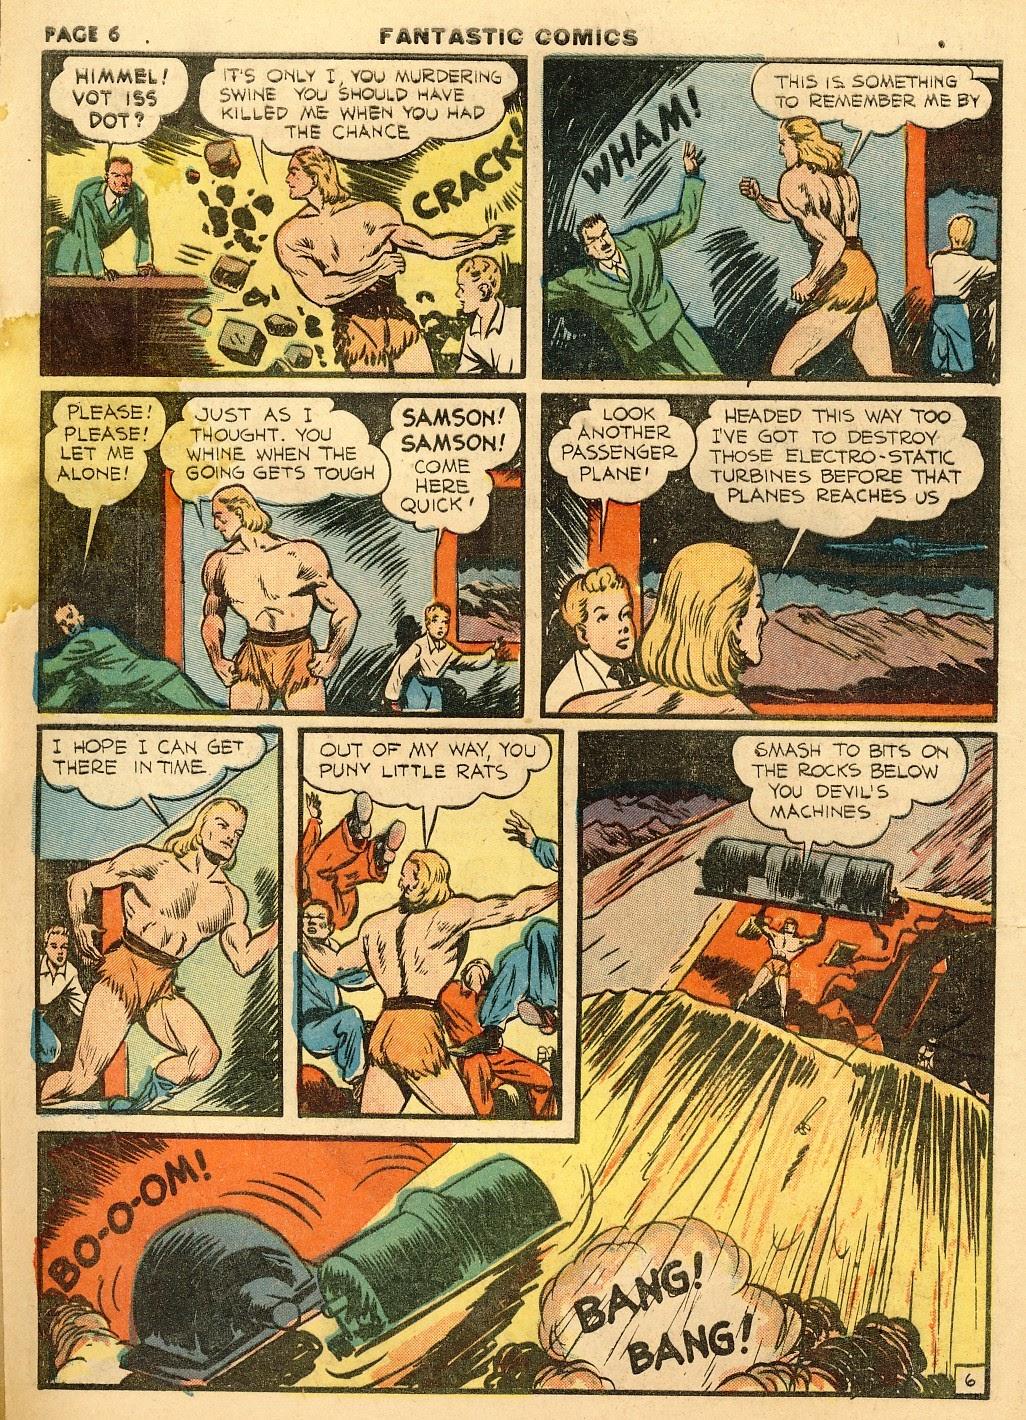 Read online Fantastic Comics comic -  Issue #10 - 7